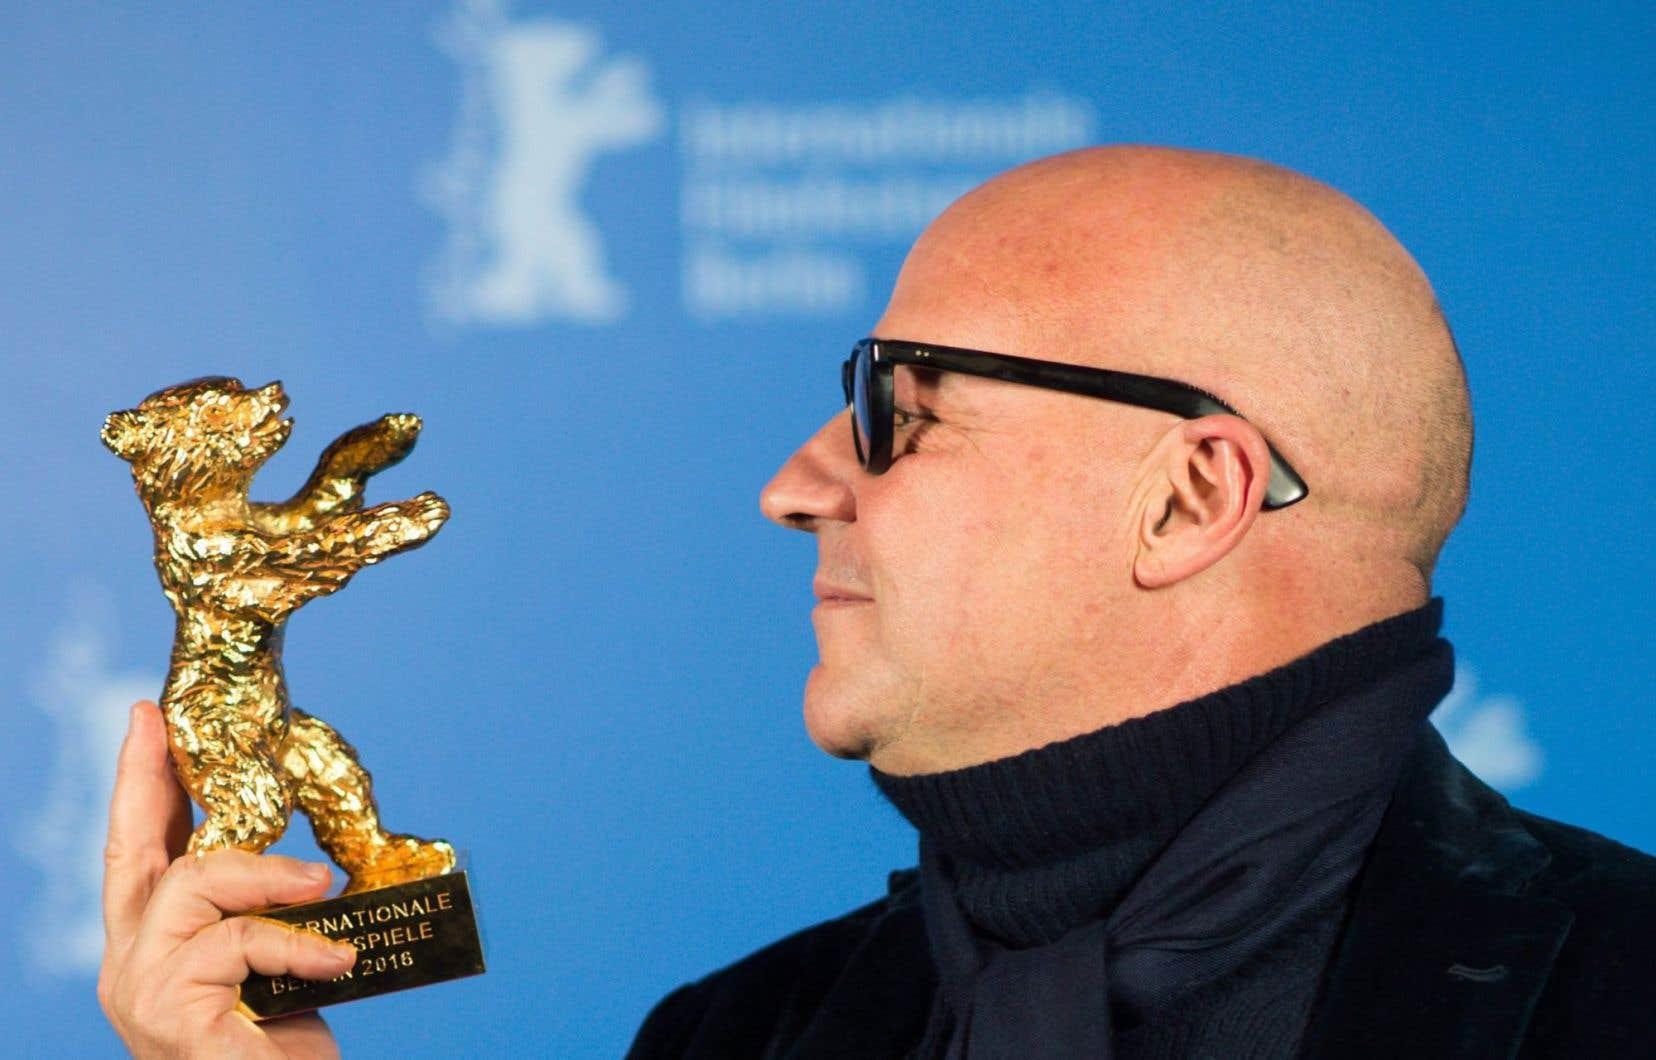 Gianfranco Rosi a reçu l'Ours d'or au festival de Berlin cette année pour son documentaire «Fuocoammare», qui sera présenté aux RIDM.